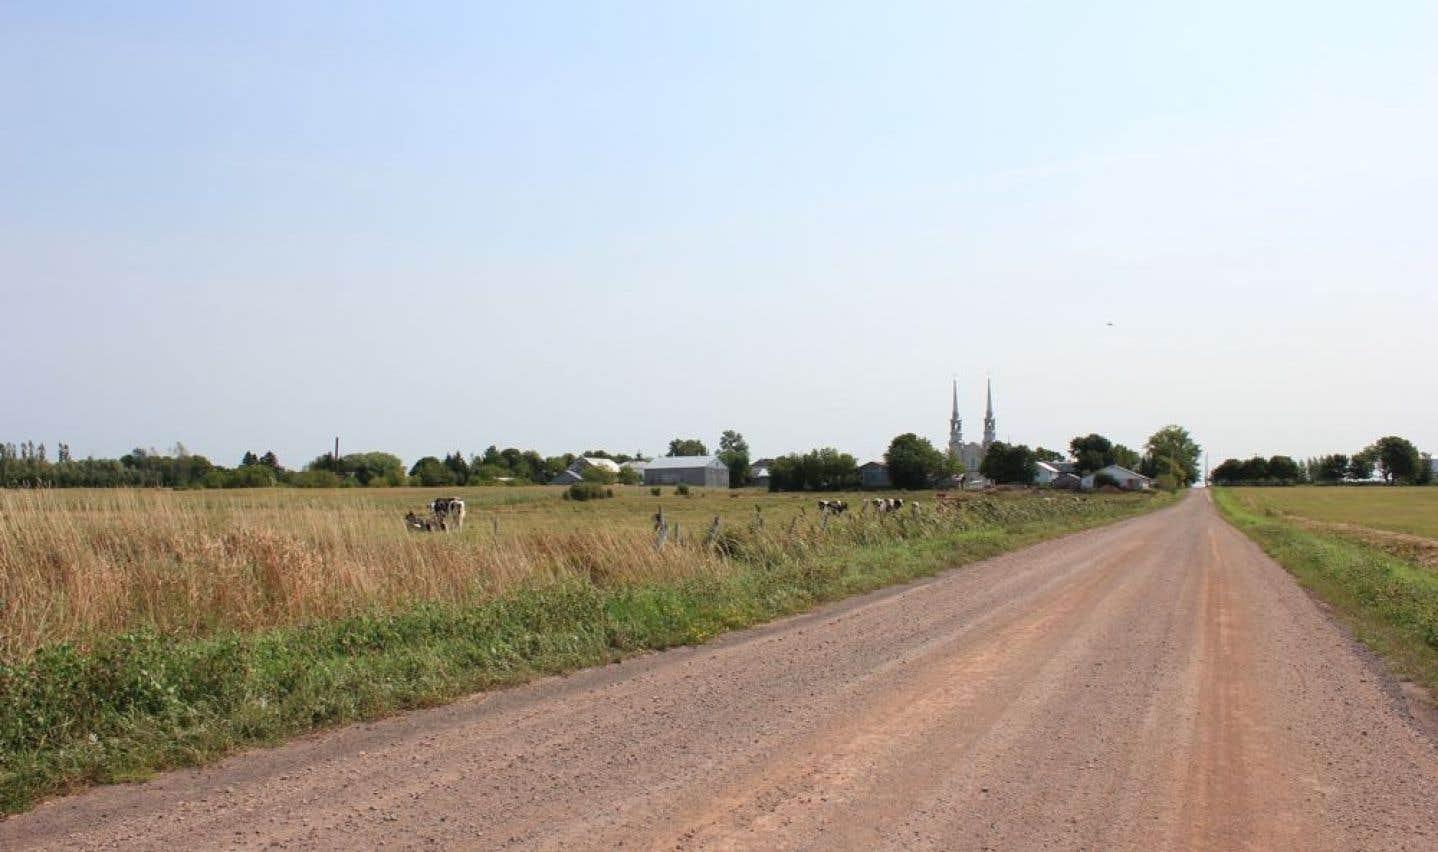 La municipalité d'Issoudun compte 869 habitants, selon le dernier recensement.